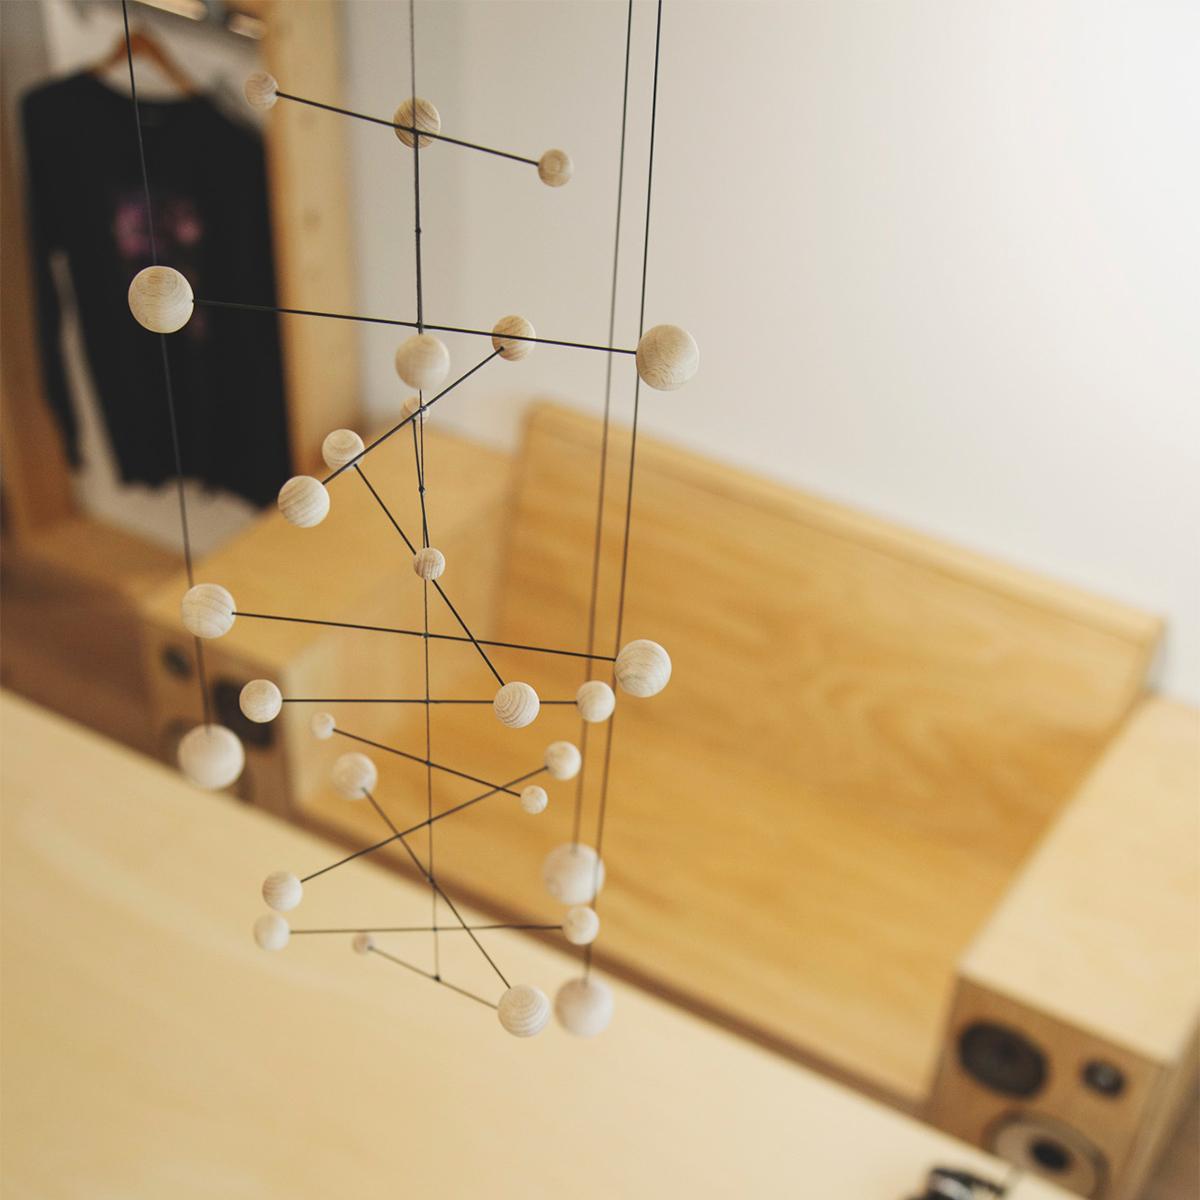 繊細な手仕事が生む、絶妙バランス。吊り下げるだけで、お部屋がモダン空間に変わる「大人のモビール」|FLENSTED MOBILES(フレンステッドモビール)